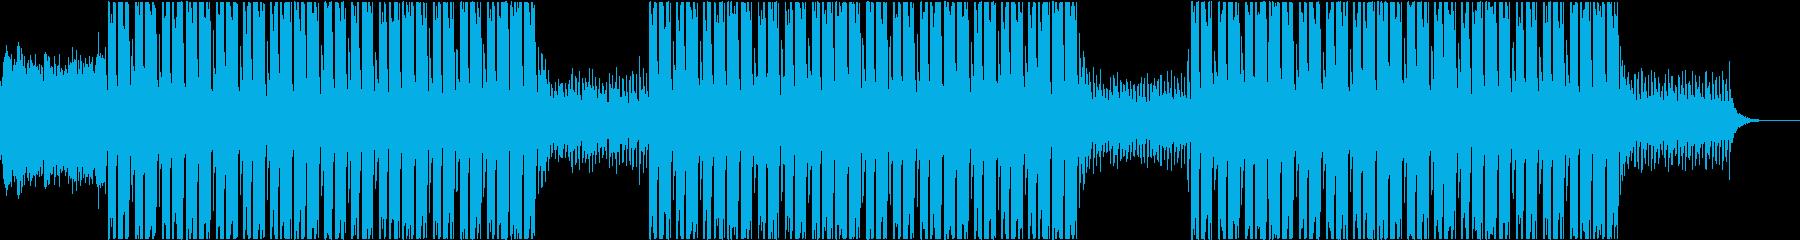 不気味な雰囲気のトラップビートの再生済みの波形